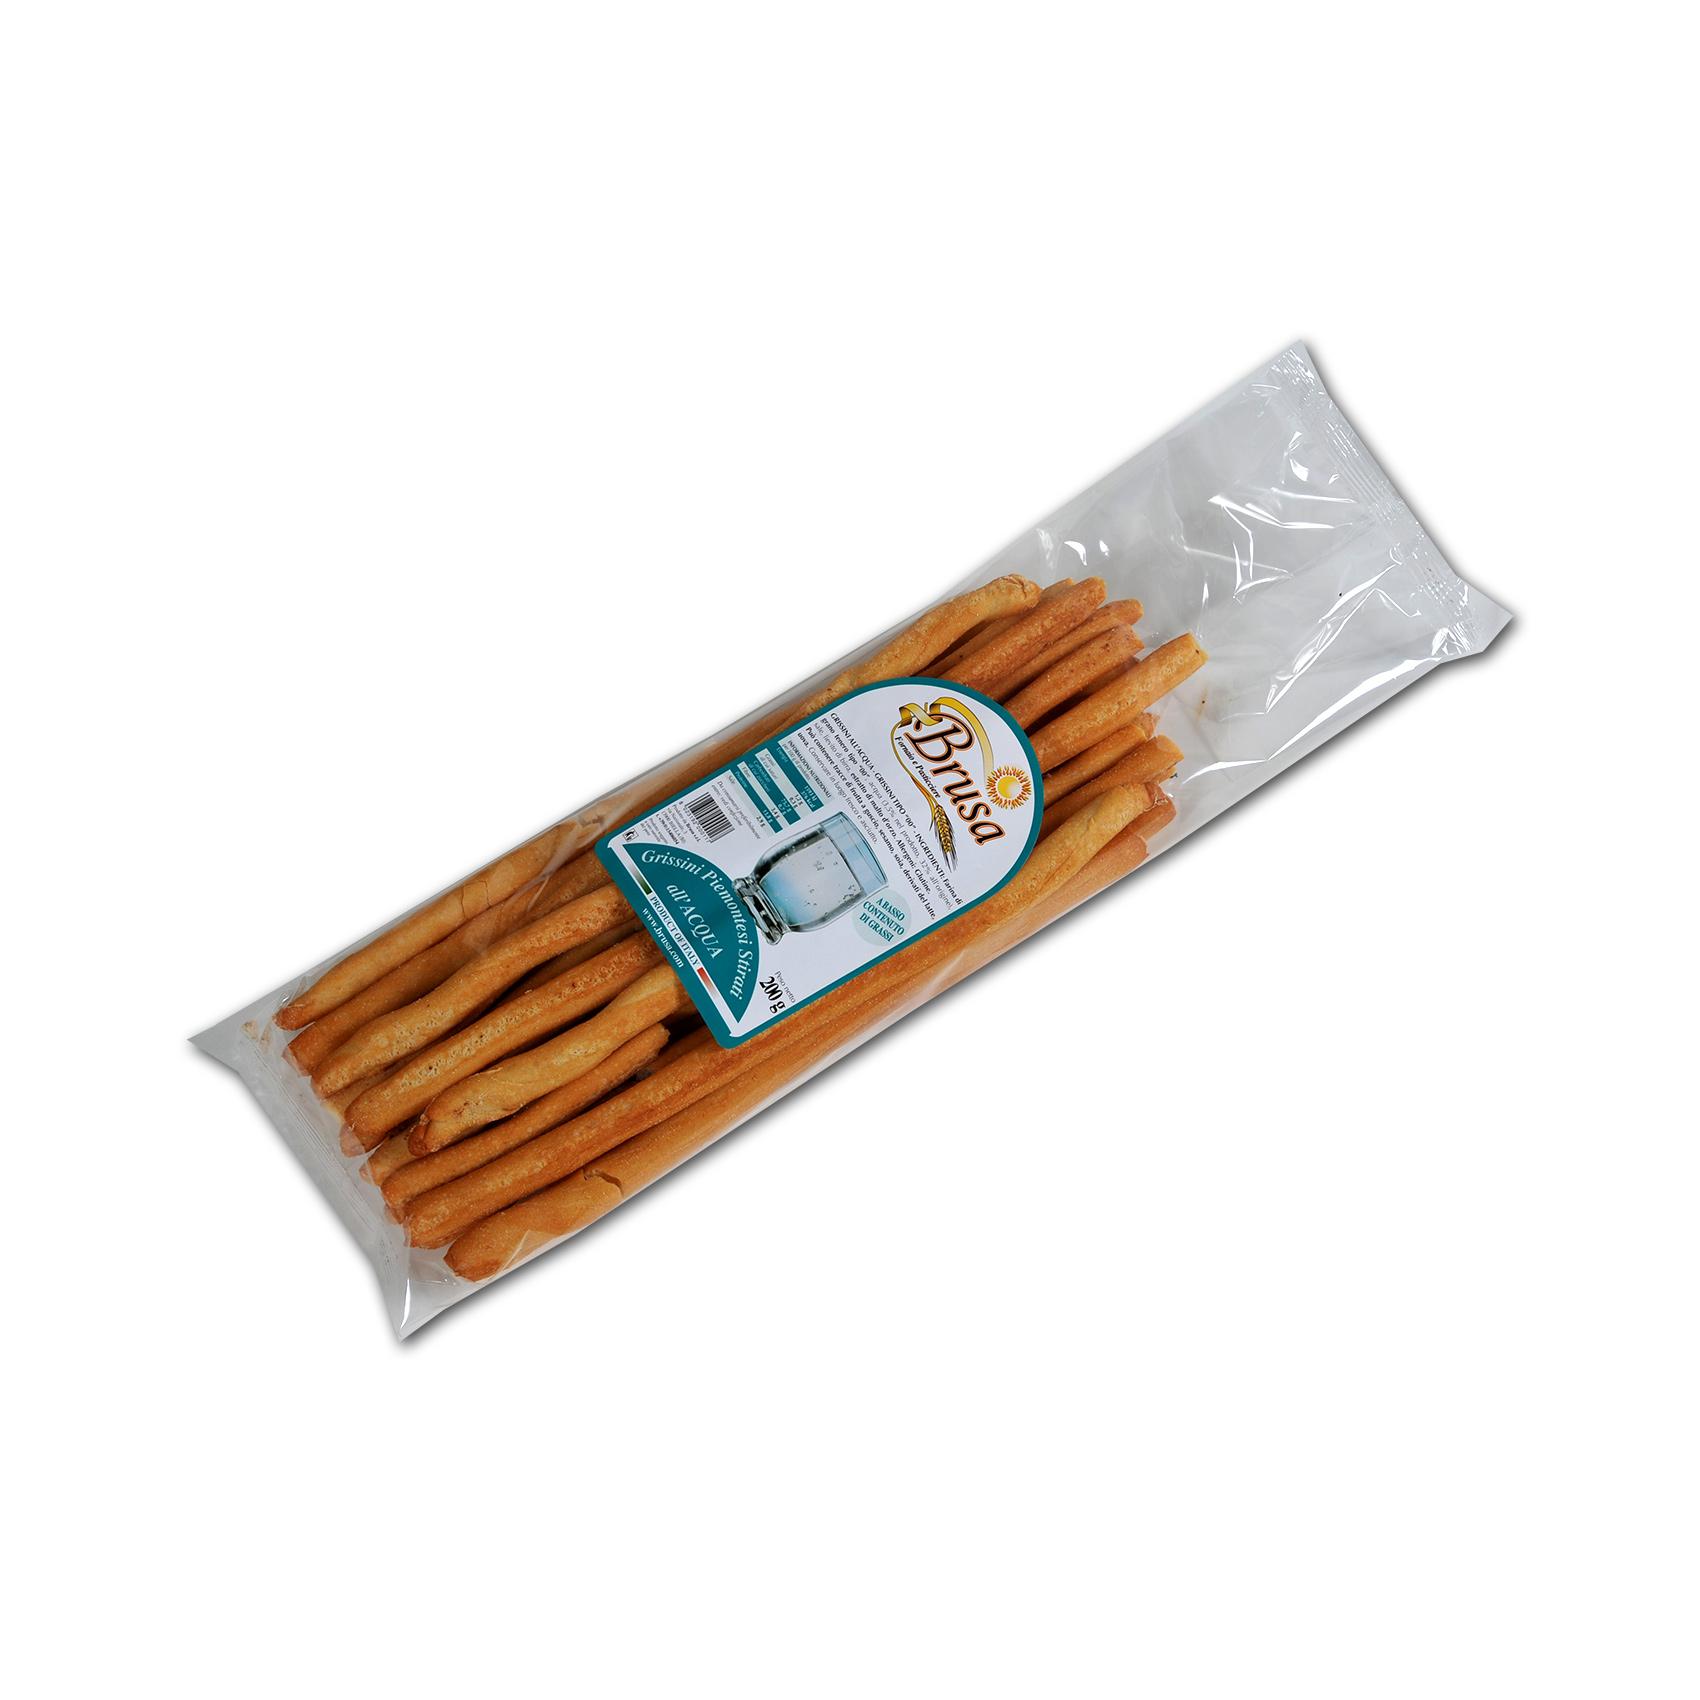 أعواد-خبز-بيمونتي-بالماء-200g